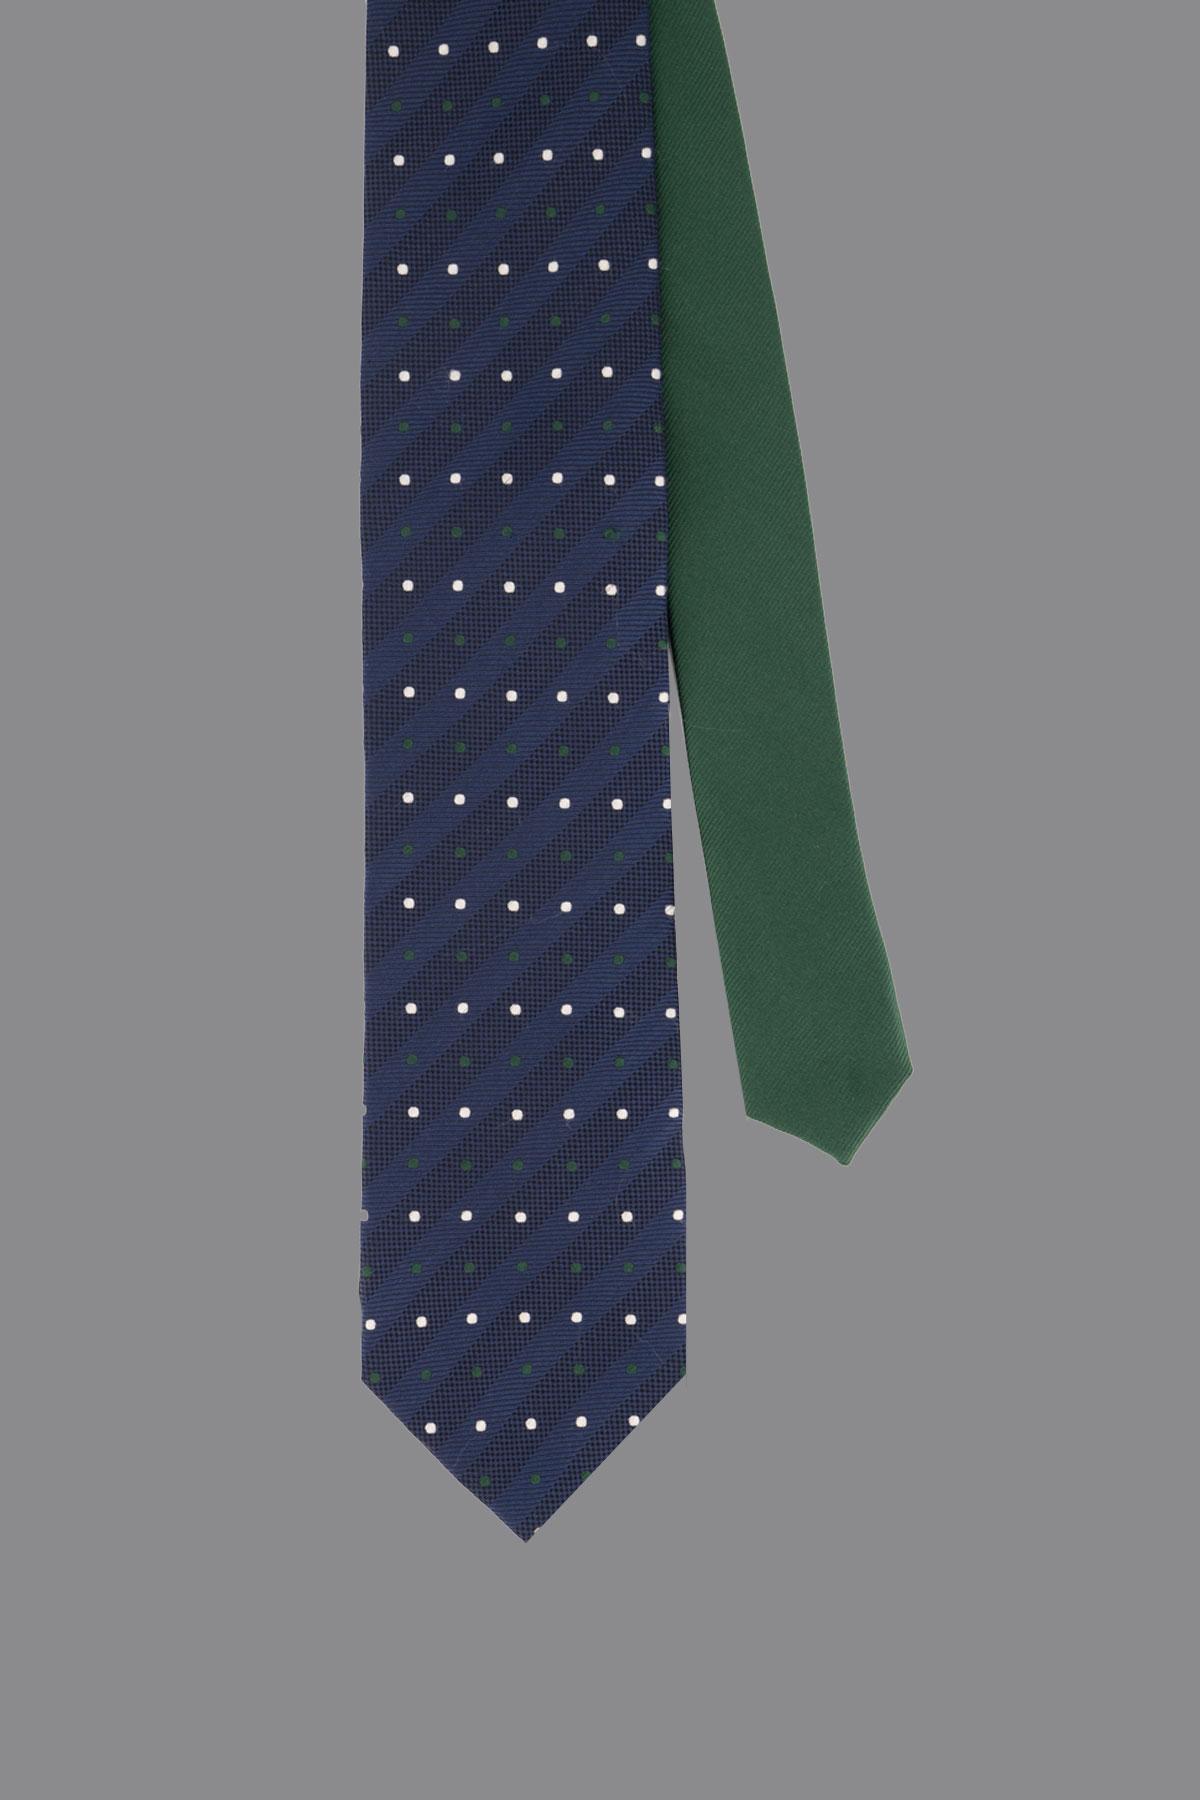 Corbata ROBERTS color Azúl